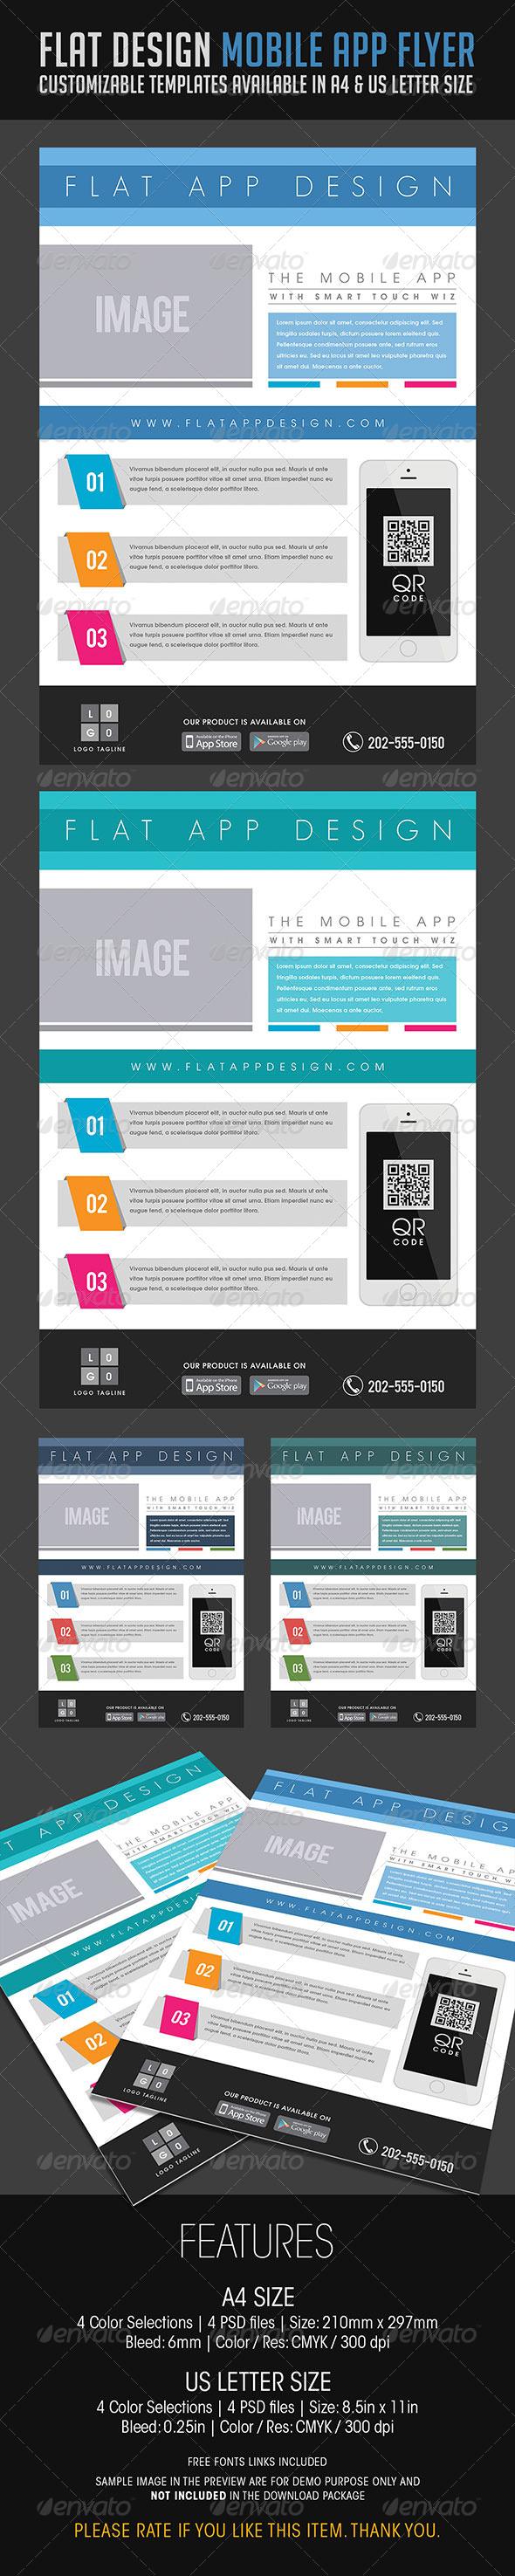 GraphicRiver Flat Design Mobile App Flyer 6779582